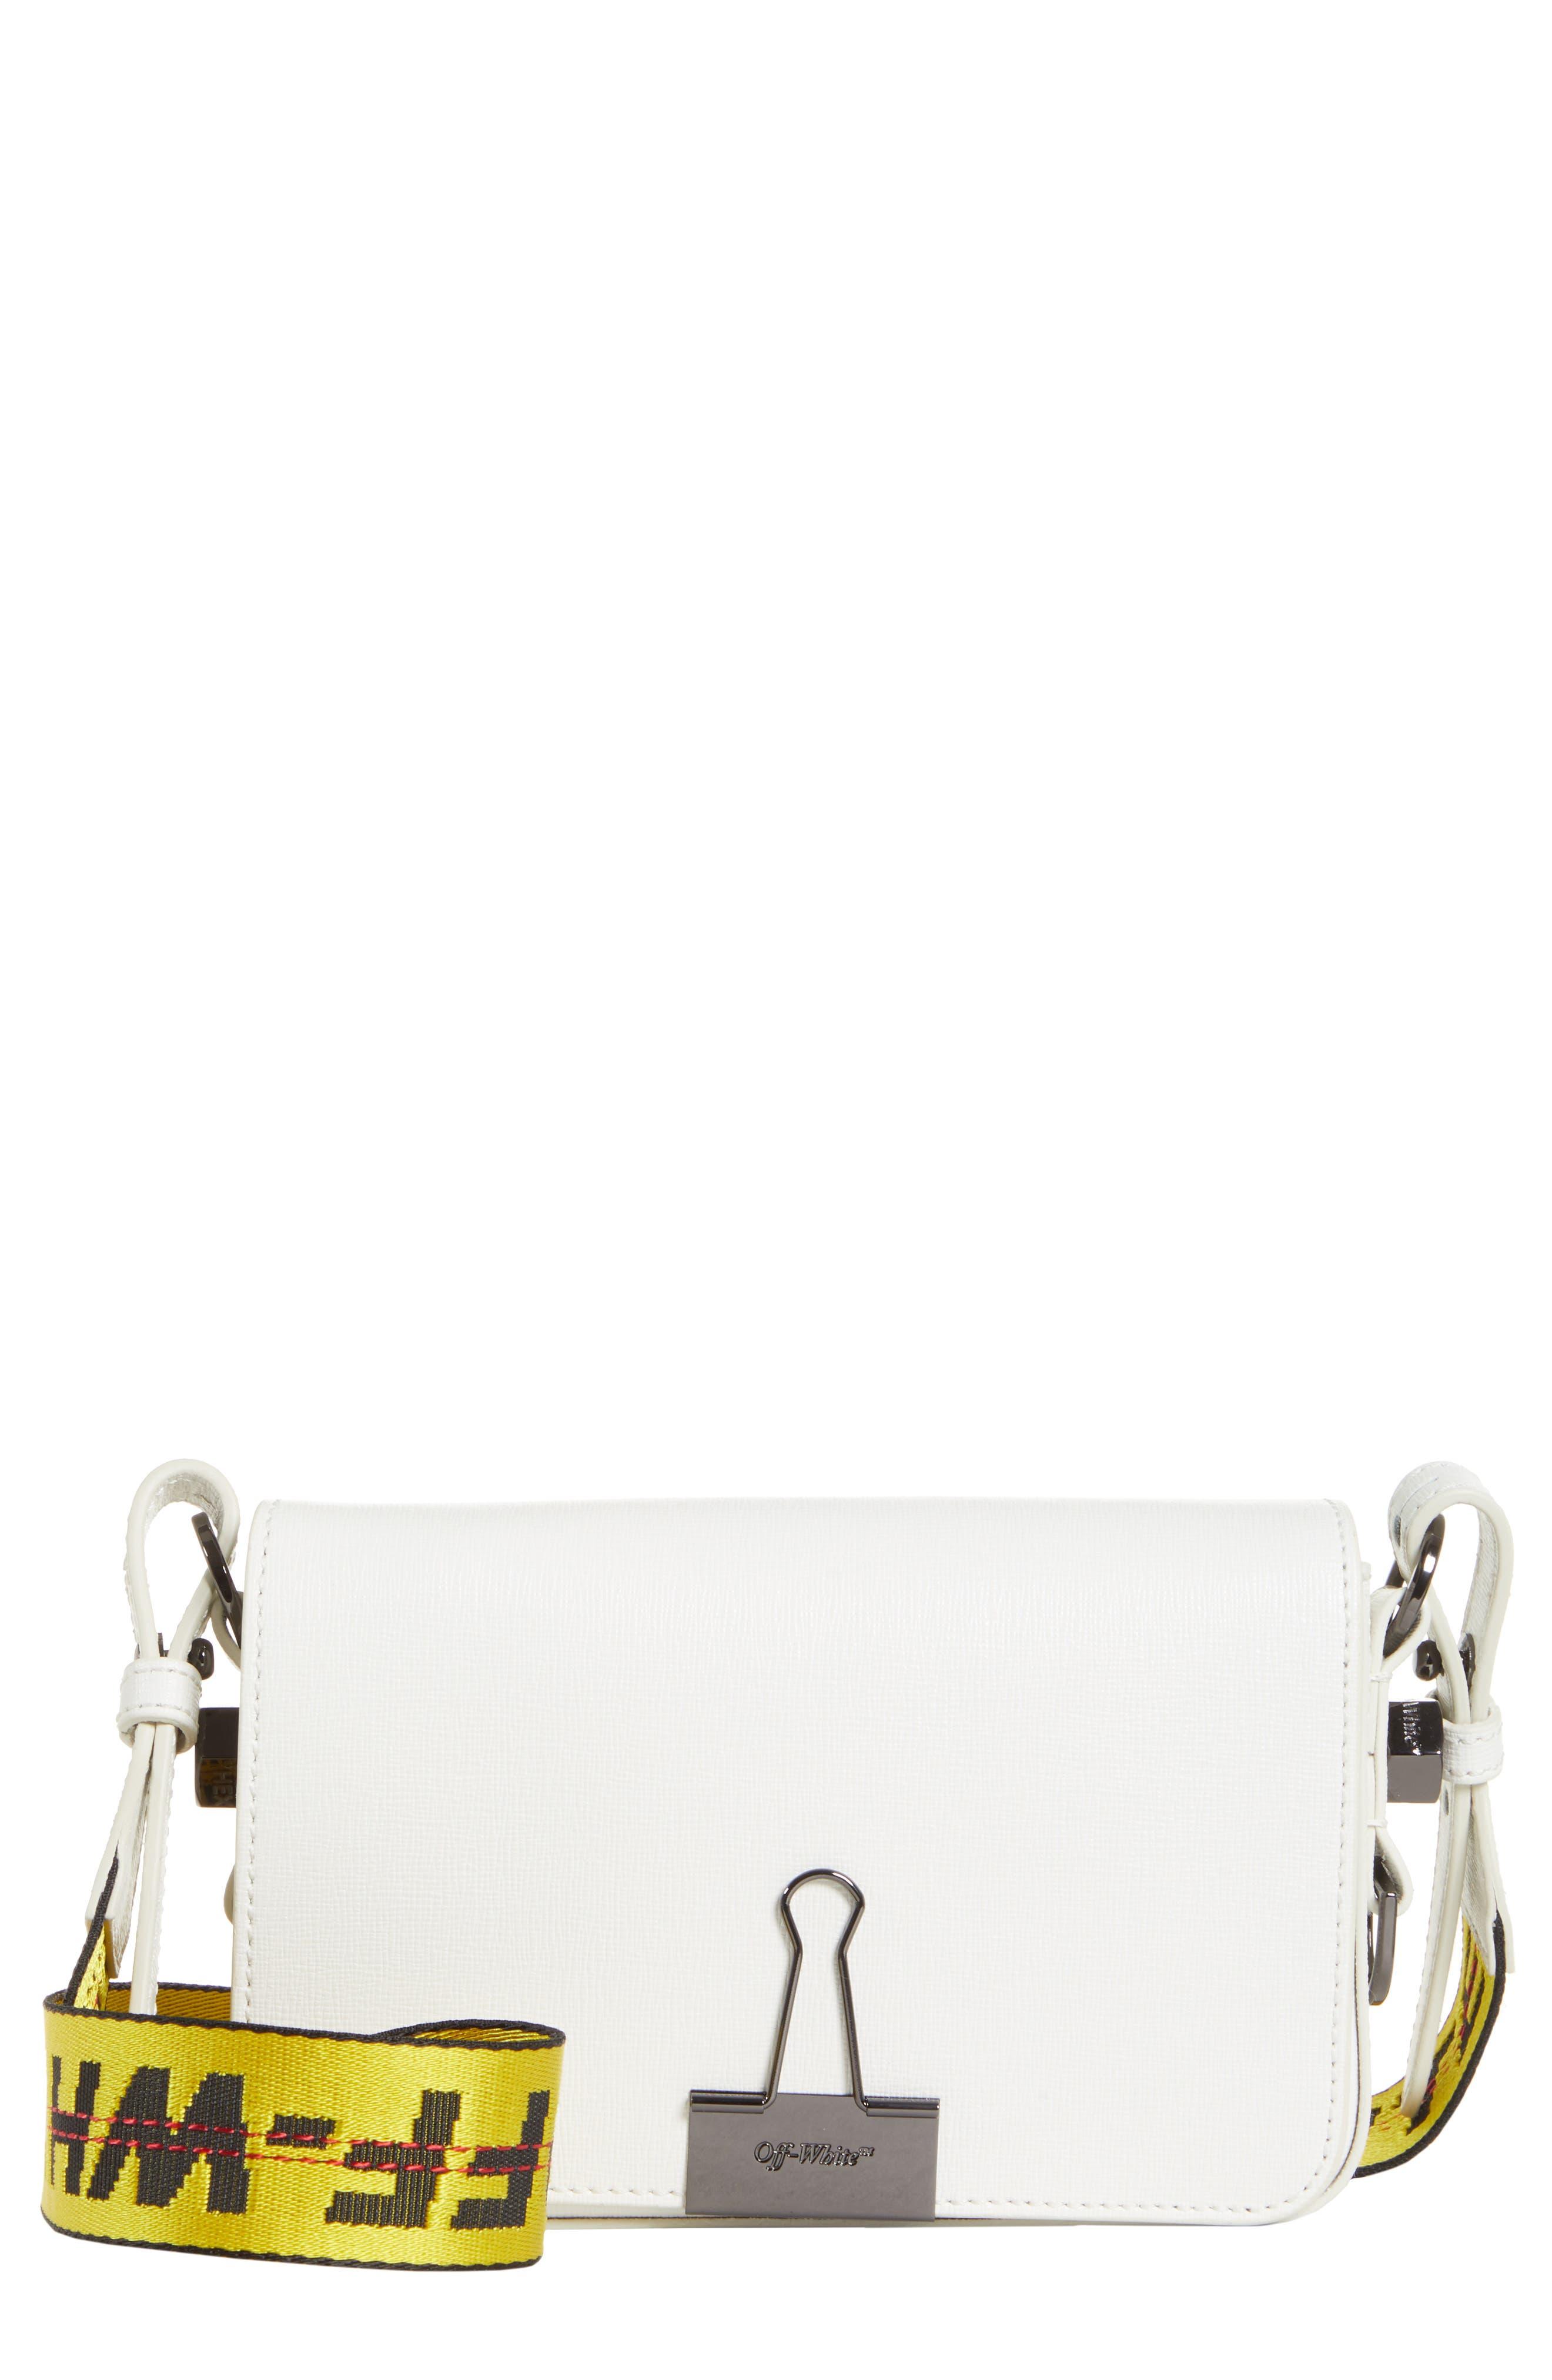 Mini Leather Flap Bag, Main, color, WHITE NO COLOR